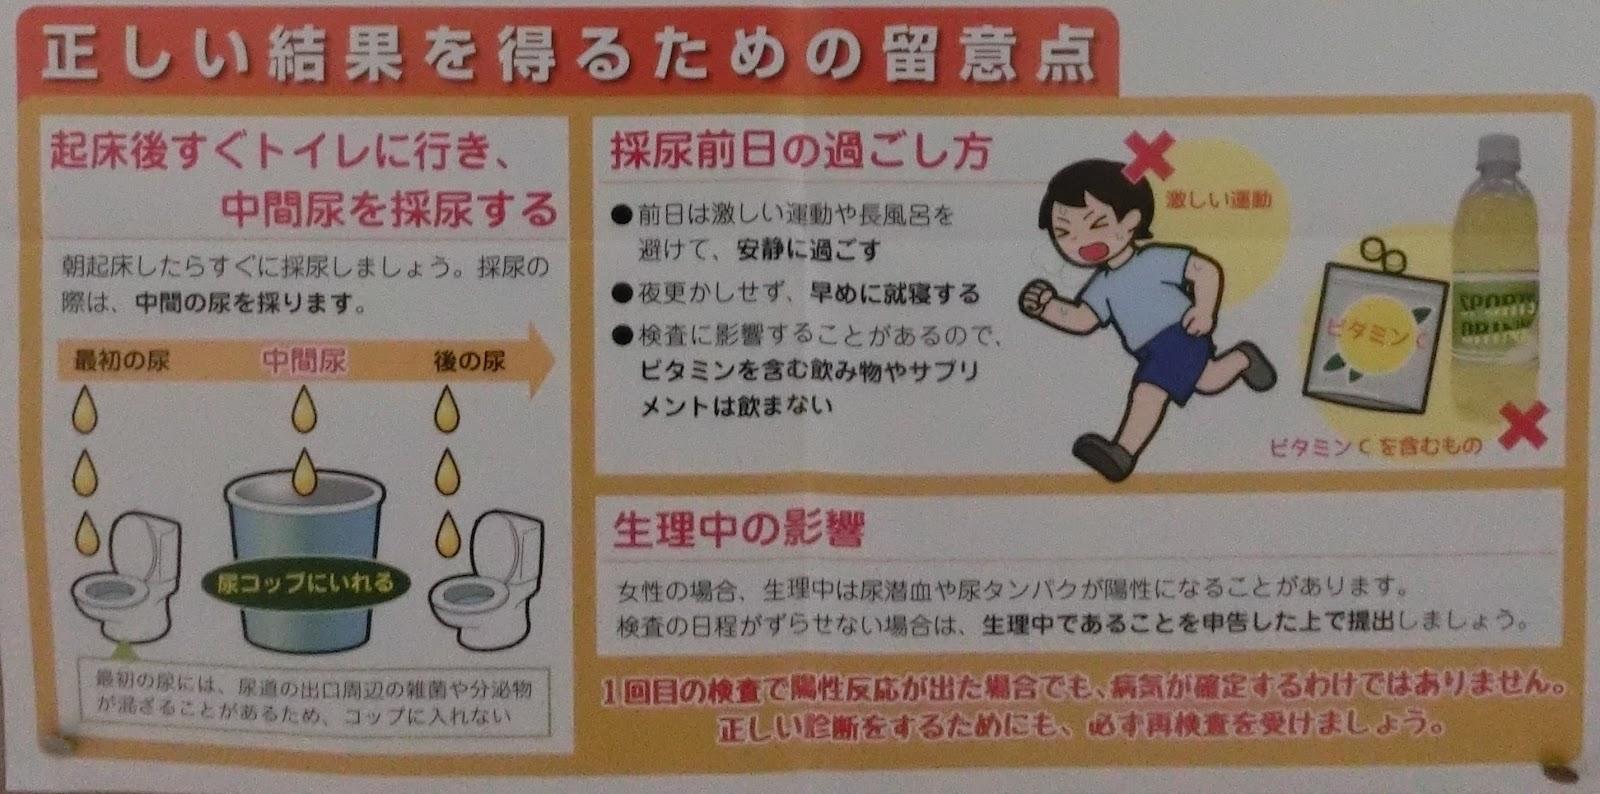 影響 中 検査 尿 生理